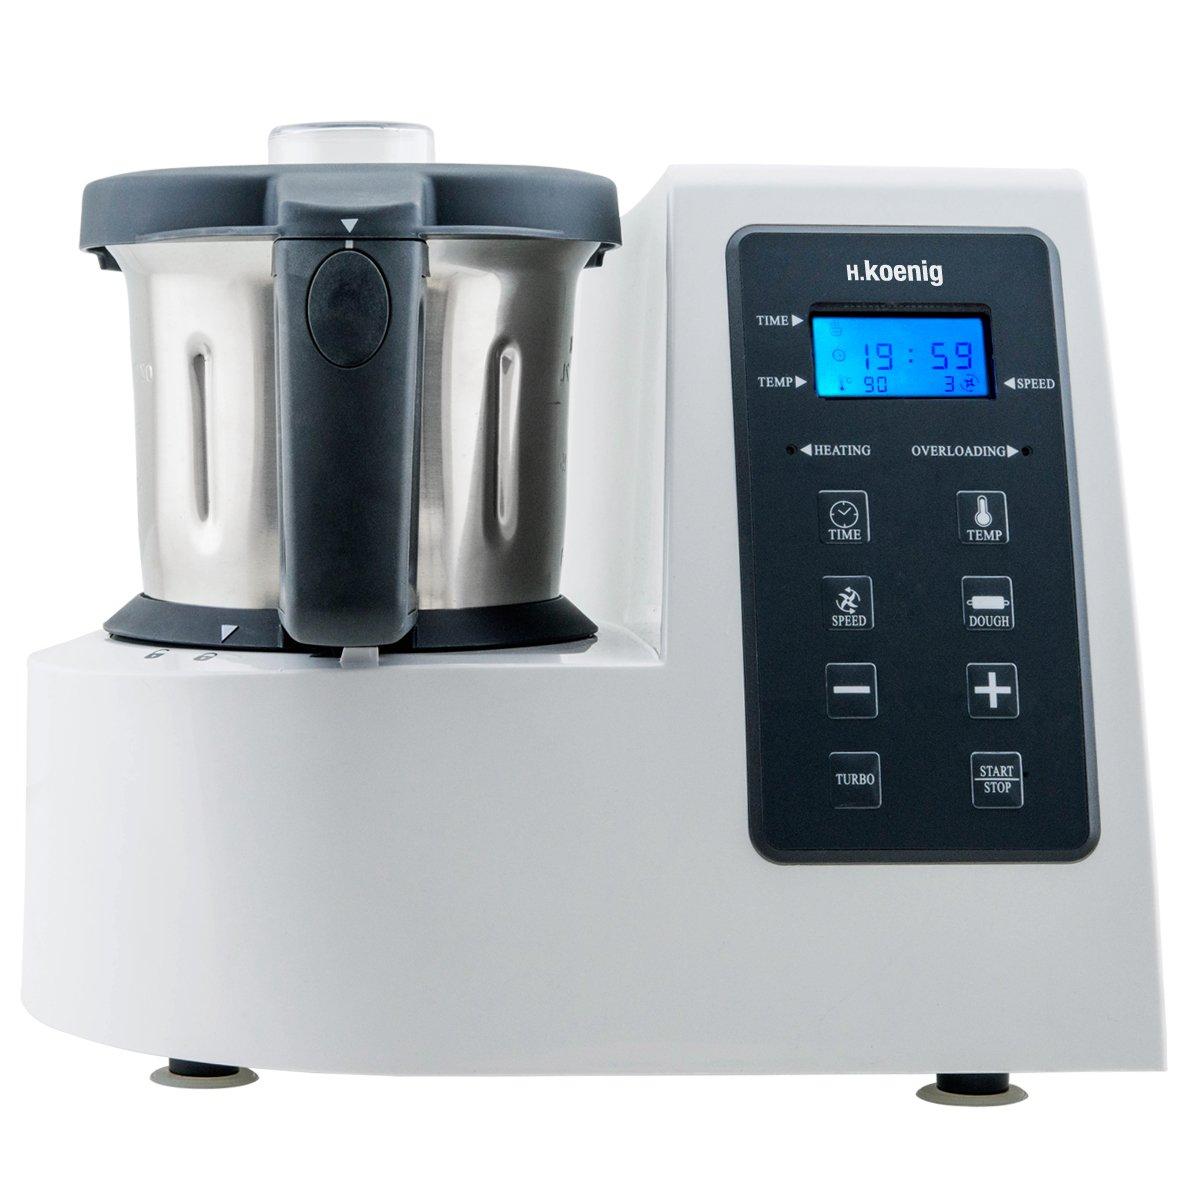 H.Koenig HKM1028 Robot de Cocina Funcion Caliente, 1300 W, 600 W, Acero Inoxidable, Multicolor